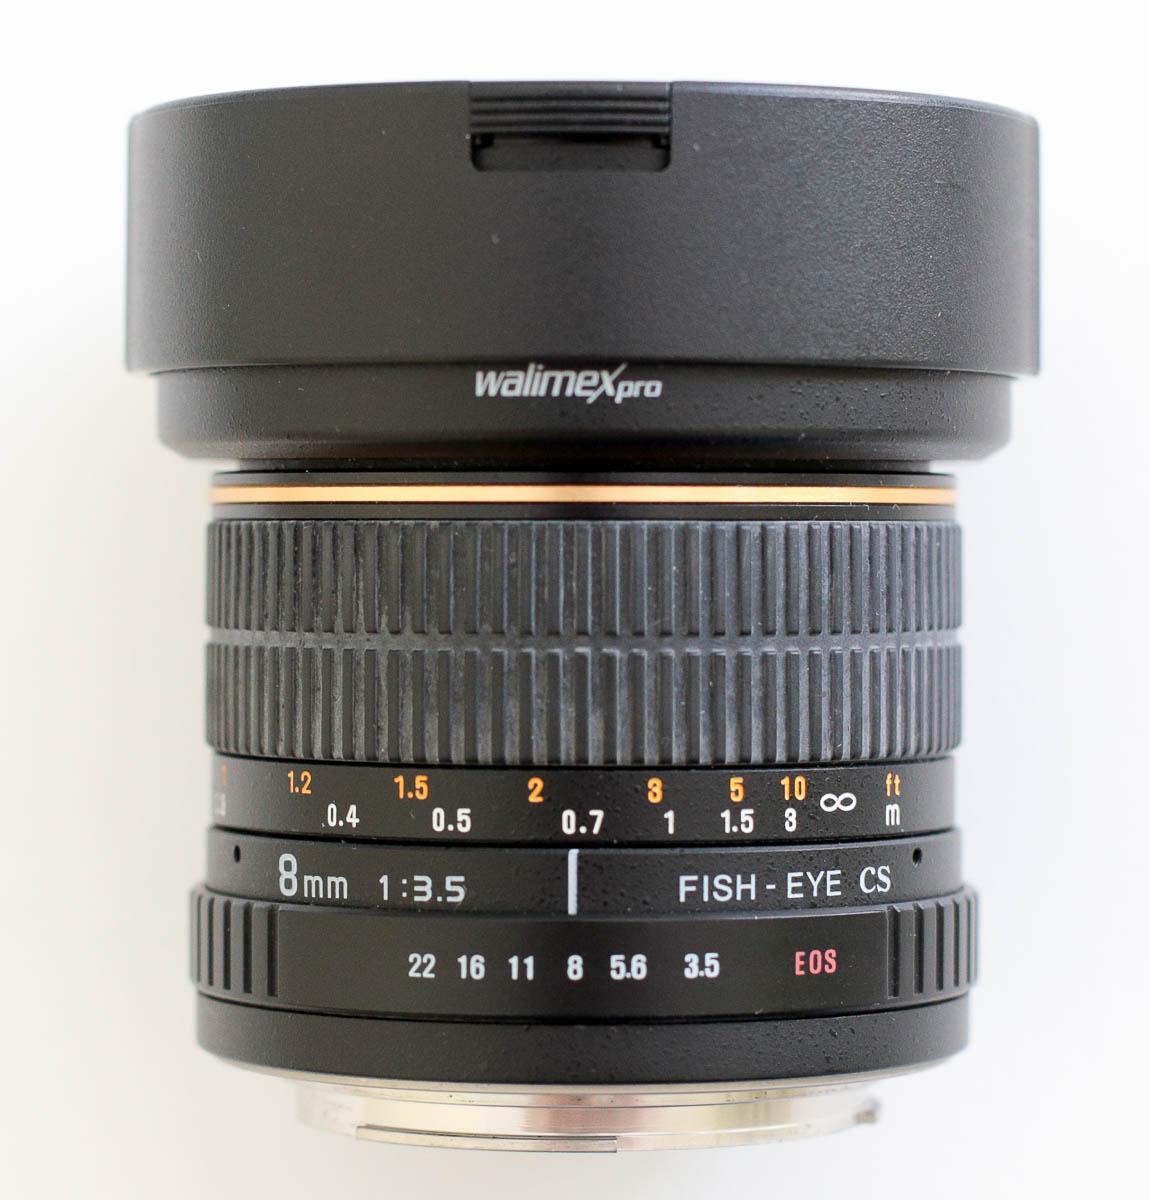 samyang 8mm halszem objektív fókuszálás manuálisan